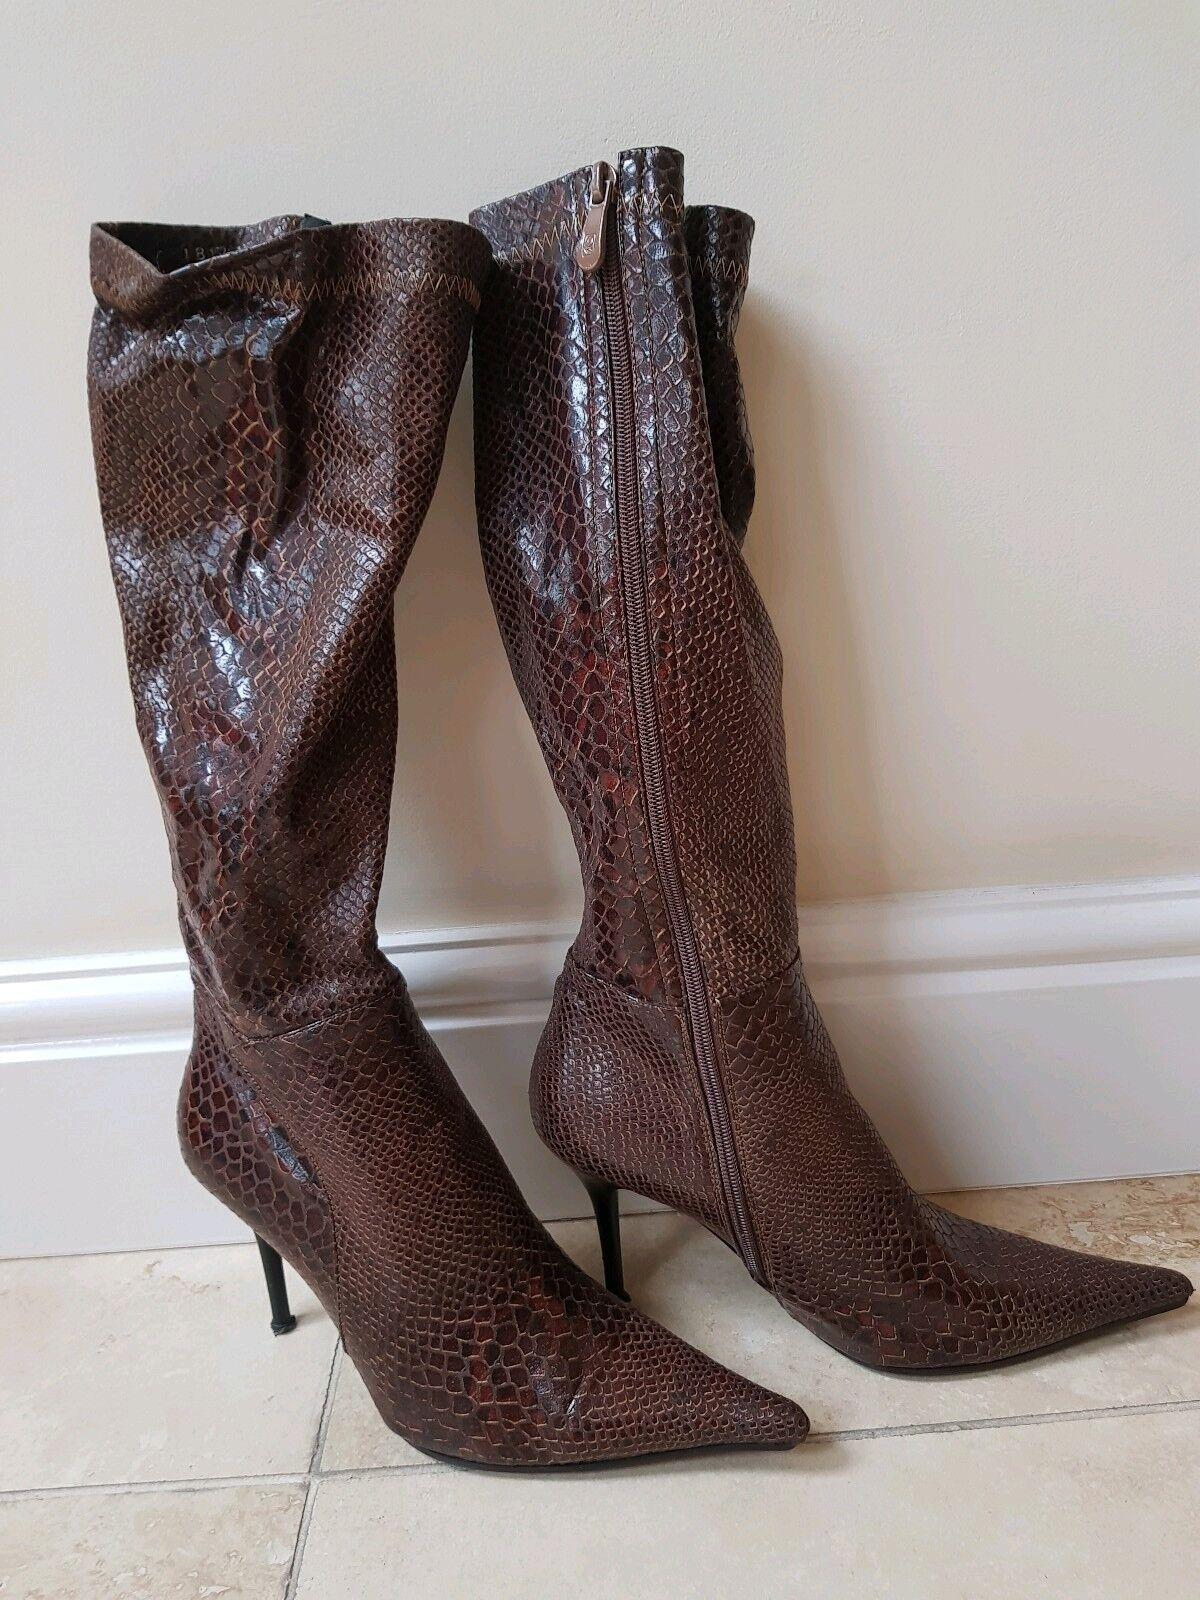 Femme Marron Genou à Talon Haut Extensible Chaussures Animal Reptile UK5 38